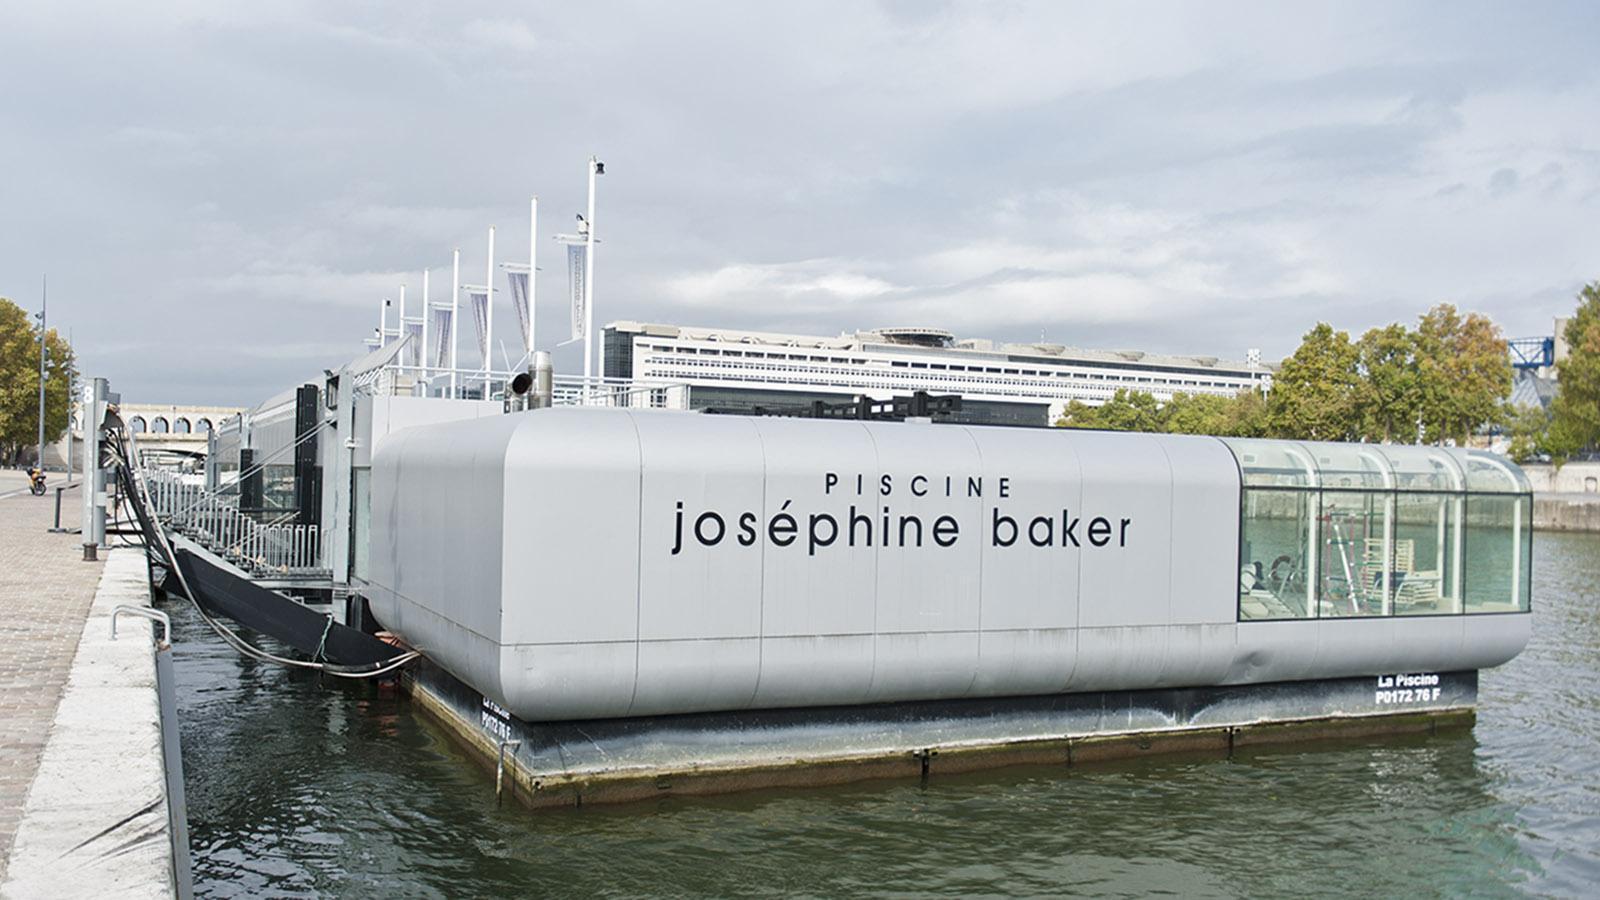 Tolbiac: Kraulen auf der Seine: das Badeboot der PIscine Joséphine Baker. Foto: Hilke Maunder